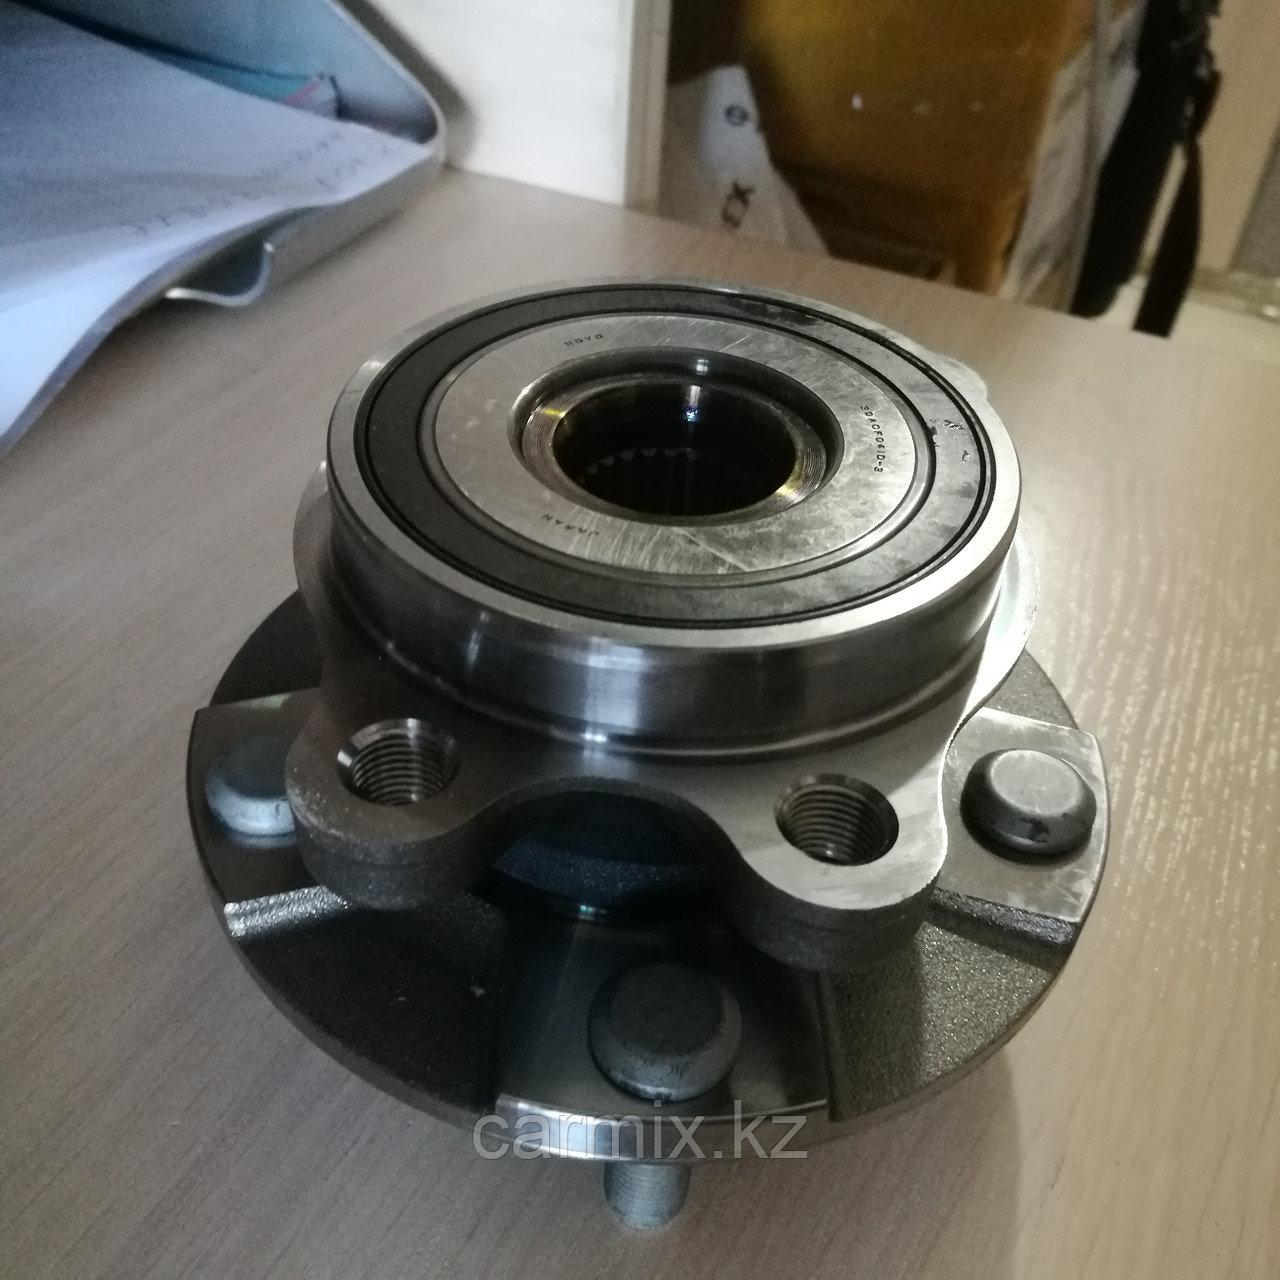 Ступица передняя (подшипник переднего колеса) COROLLA ZRE152, RAV4 ACA30, KOYO